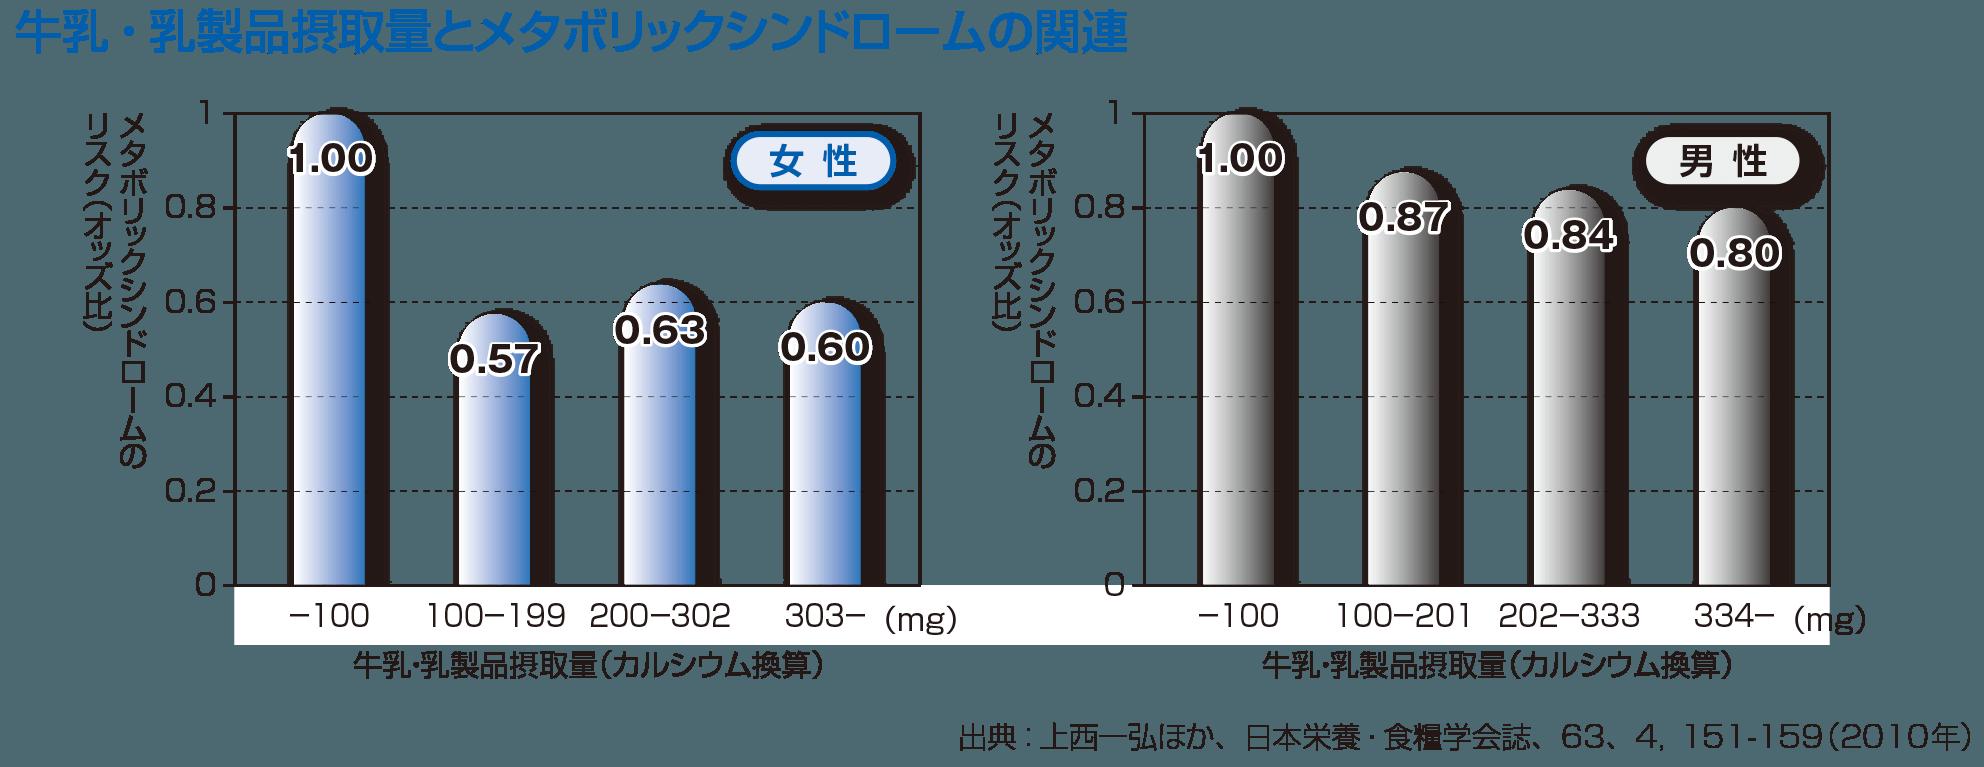 牛乳・乳製品摂取量とメタボリックシンドロームの関連